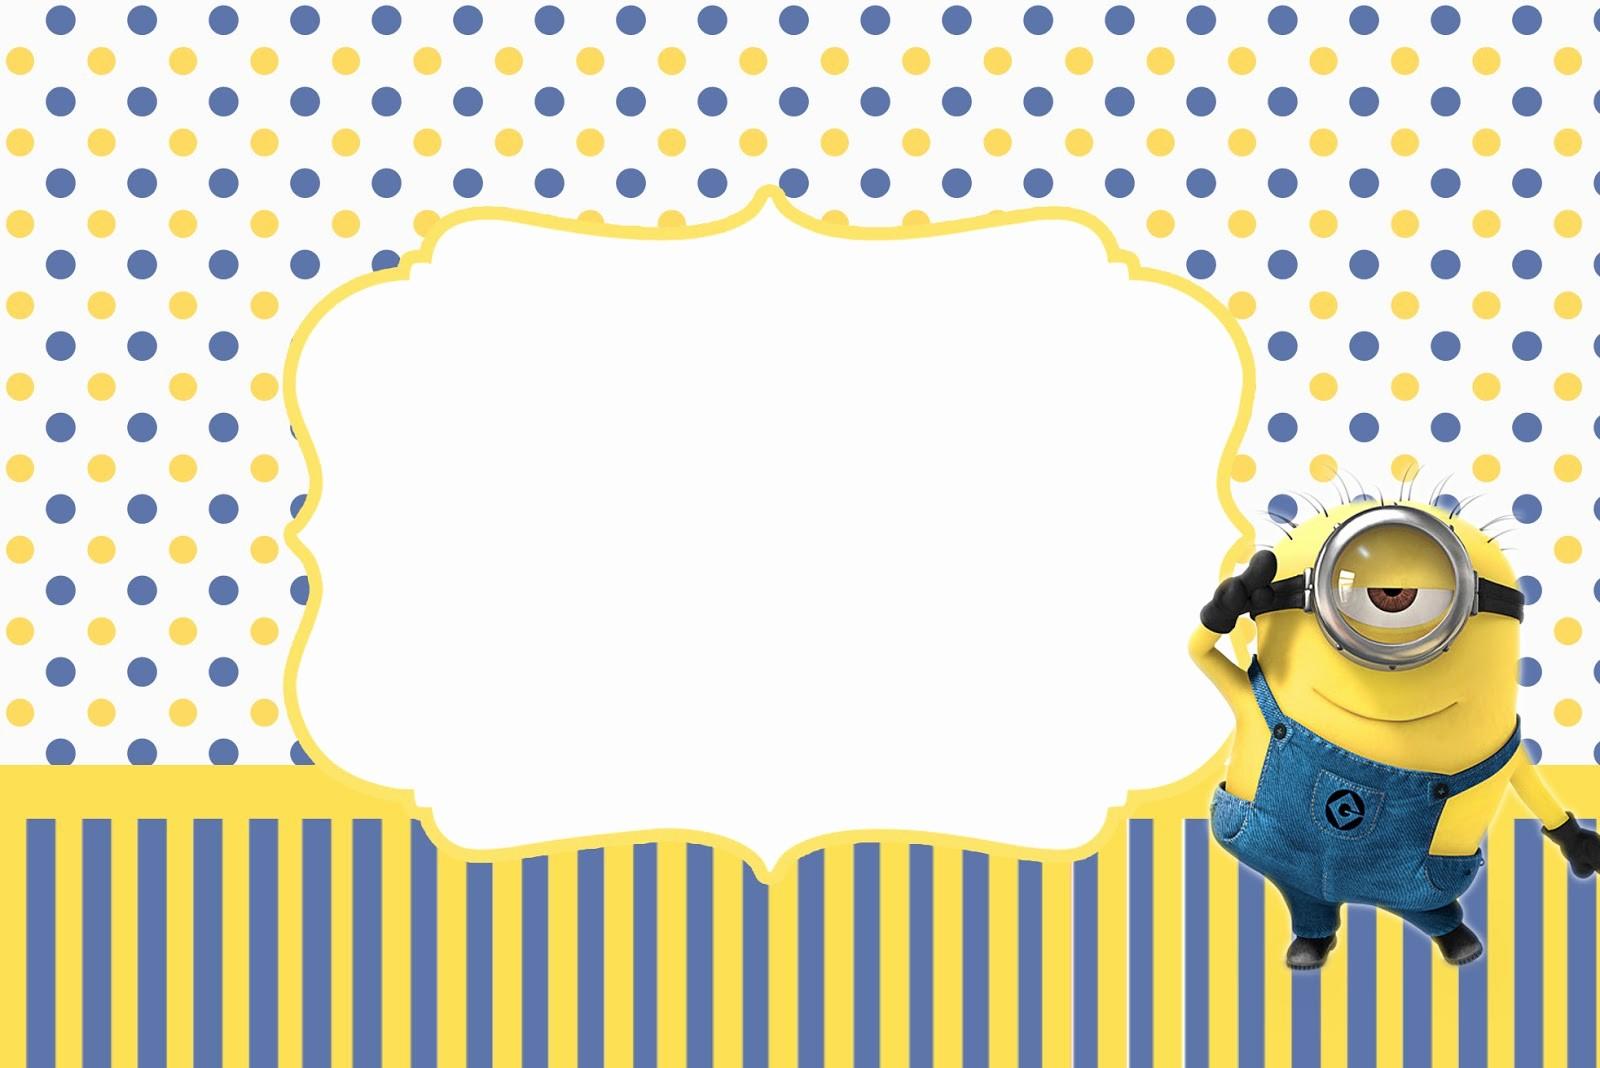 Plantillas De Cumpleaños Para Editar Luxury Las Mejores Invitaciones De Minions Para Imprimir Gratis